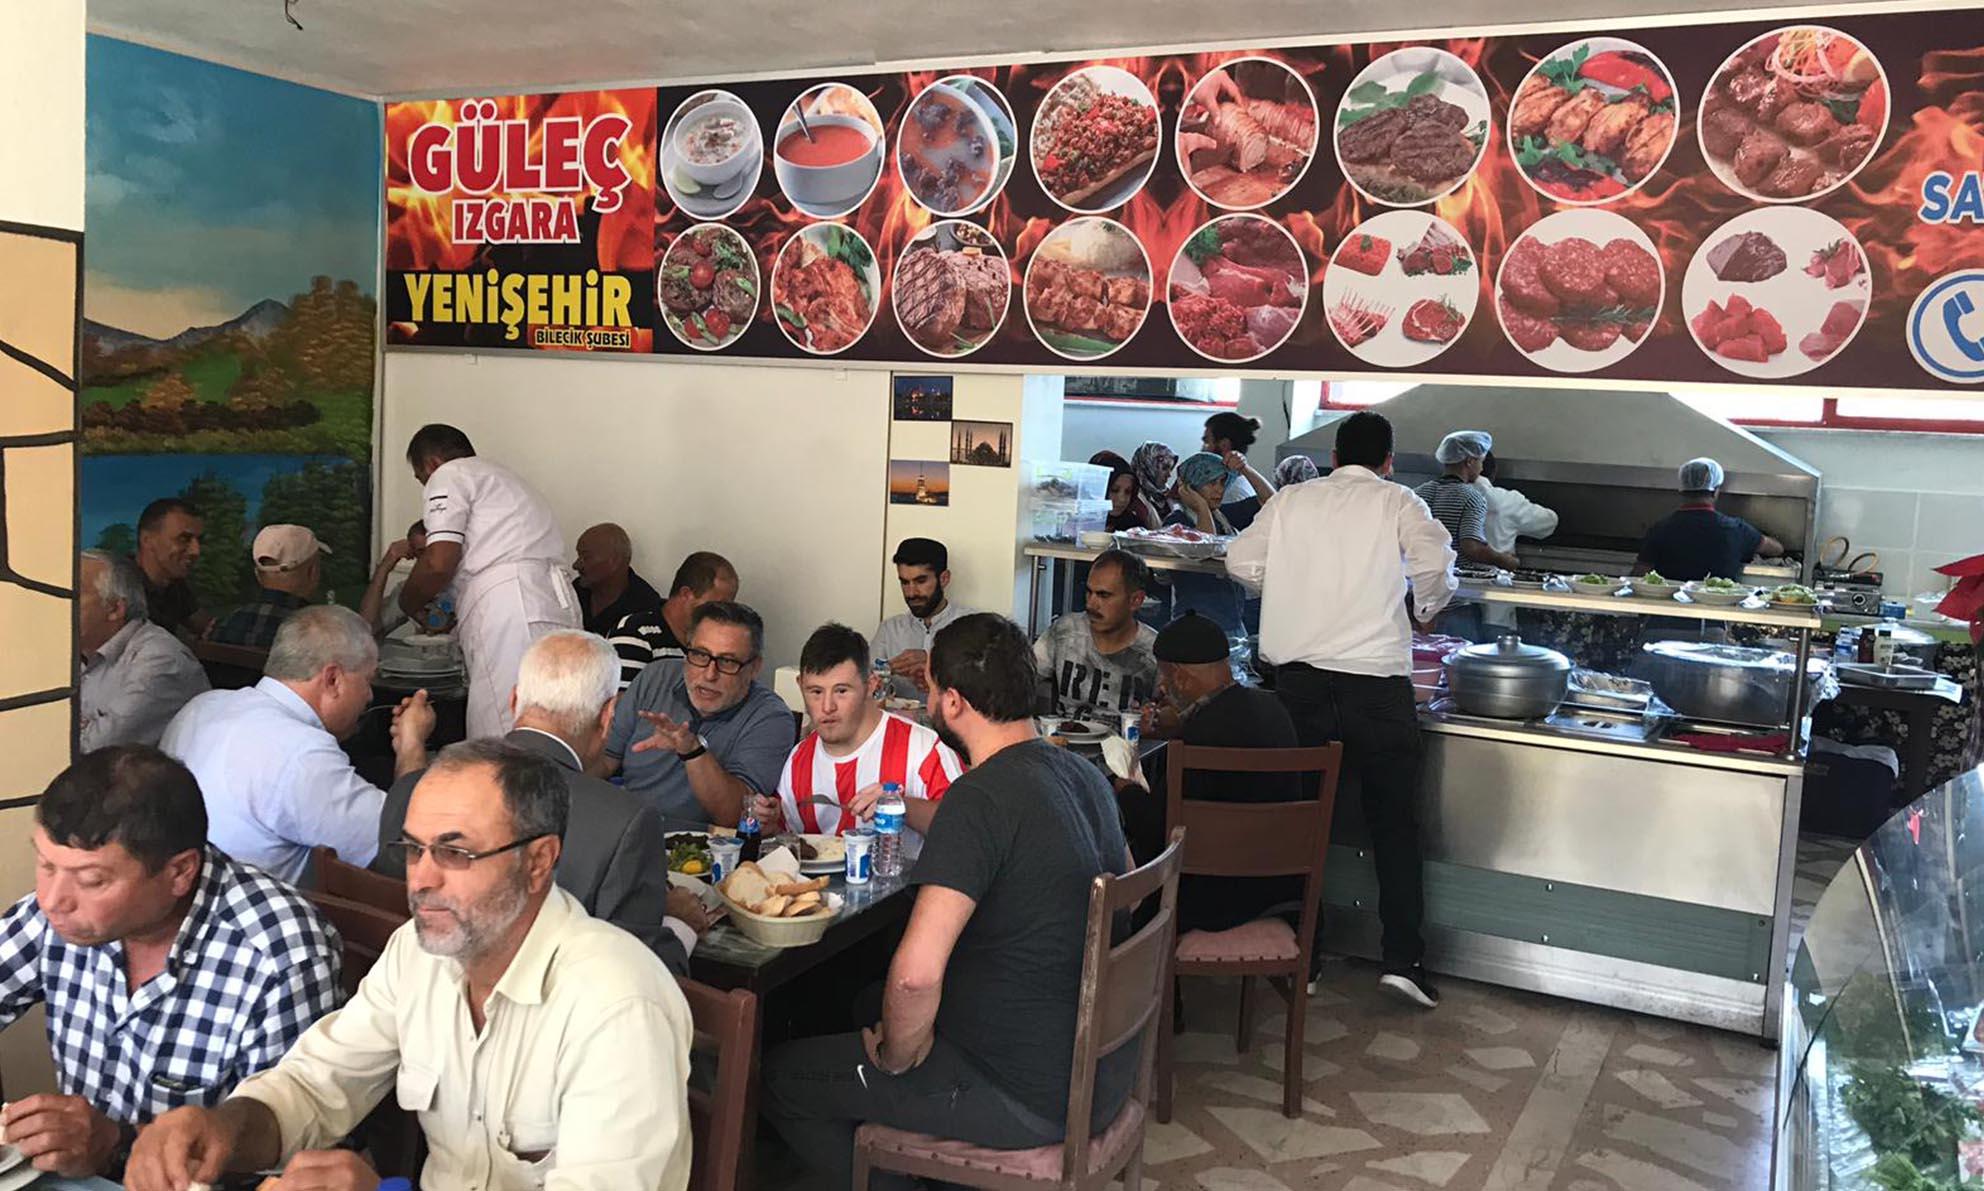 Yenişehir Güleç Izgara Artık Bilecik'te-4